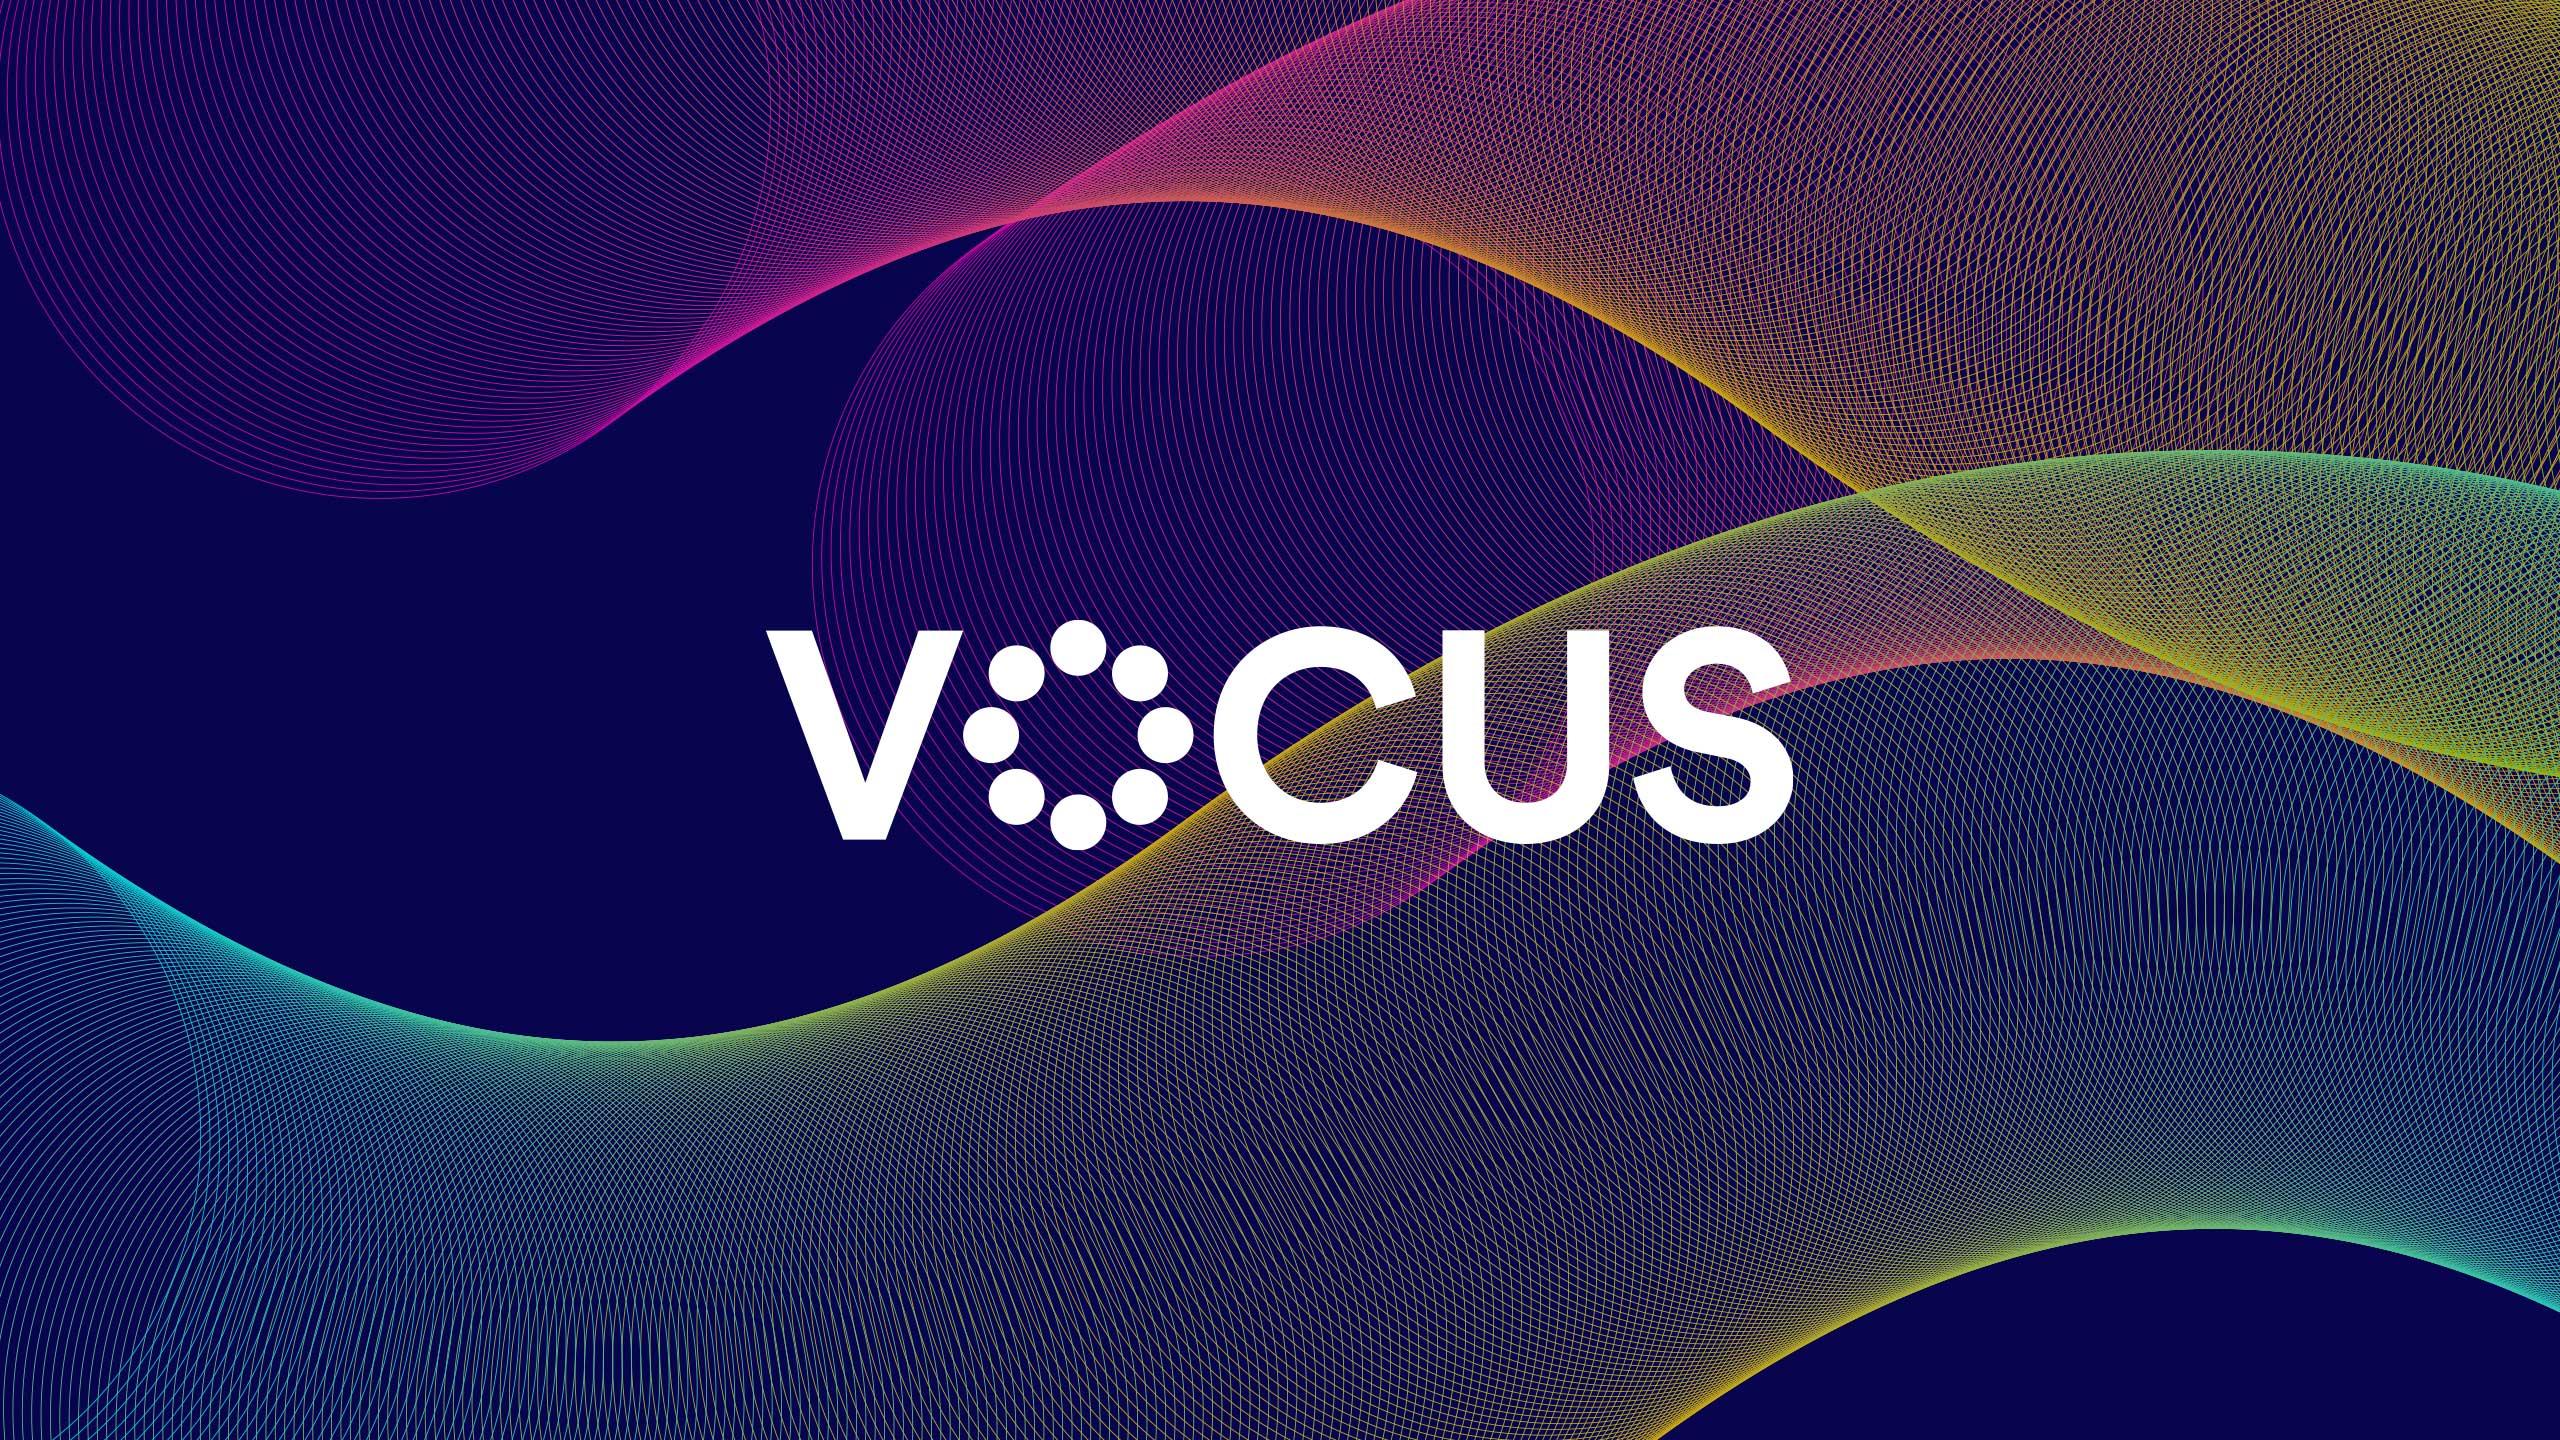 FutureBrand Australia Creates Vocus Brand Transformation